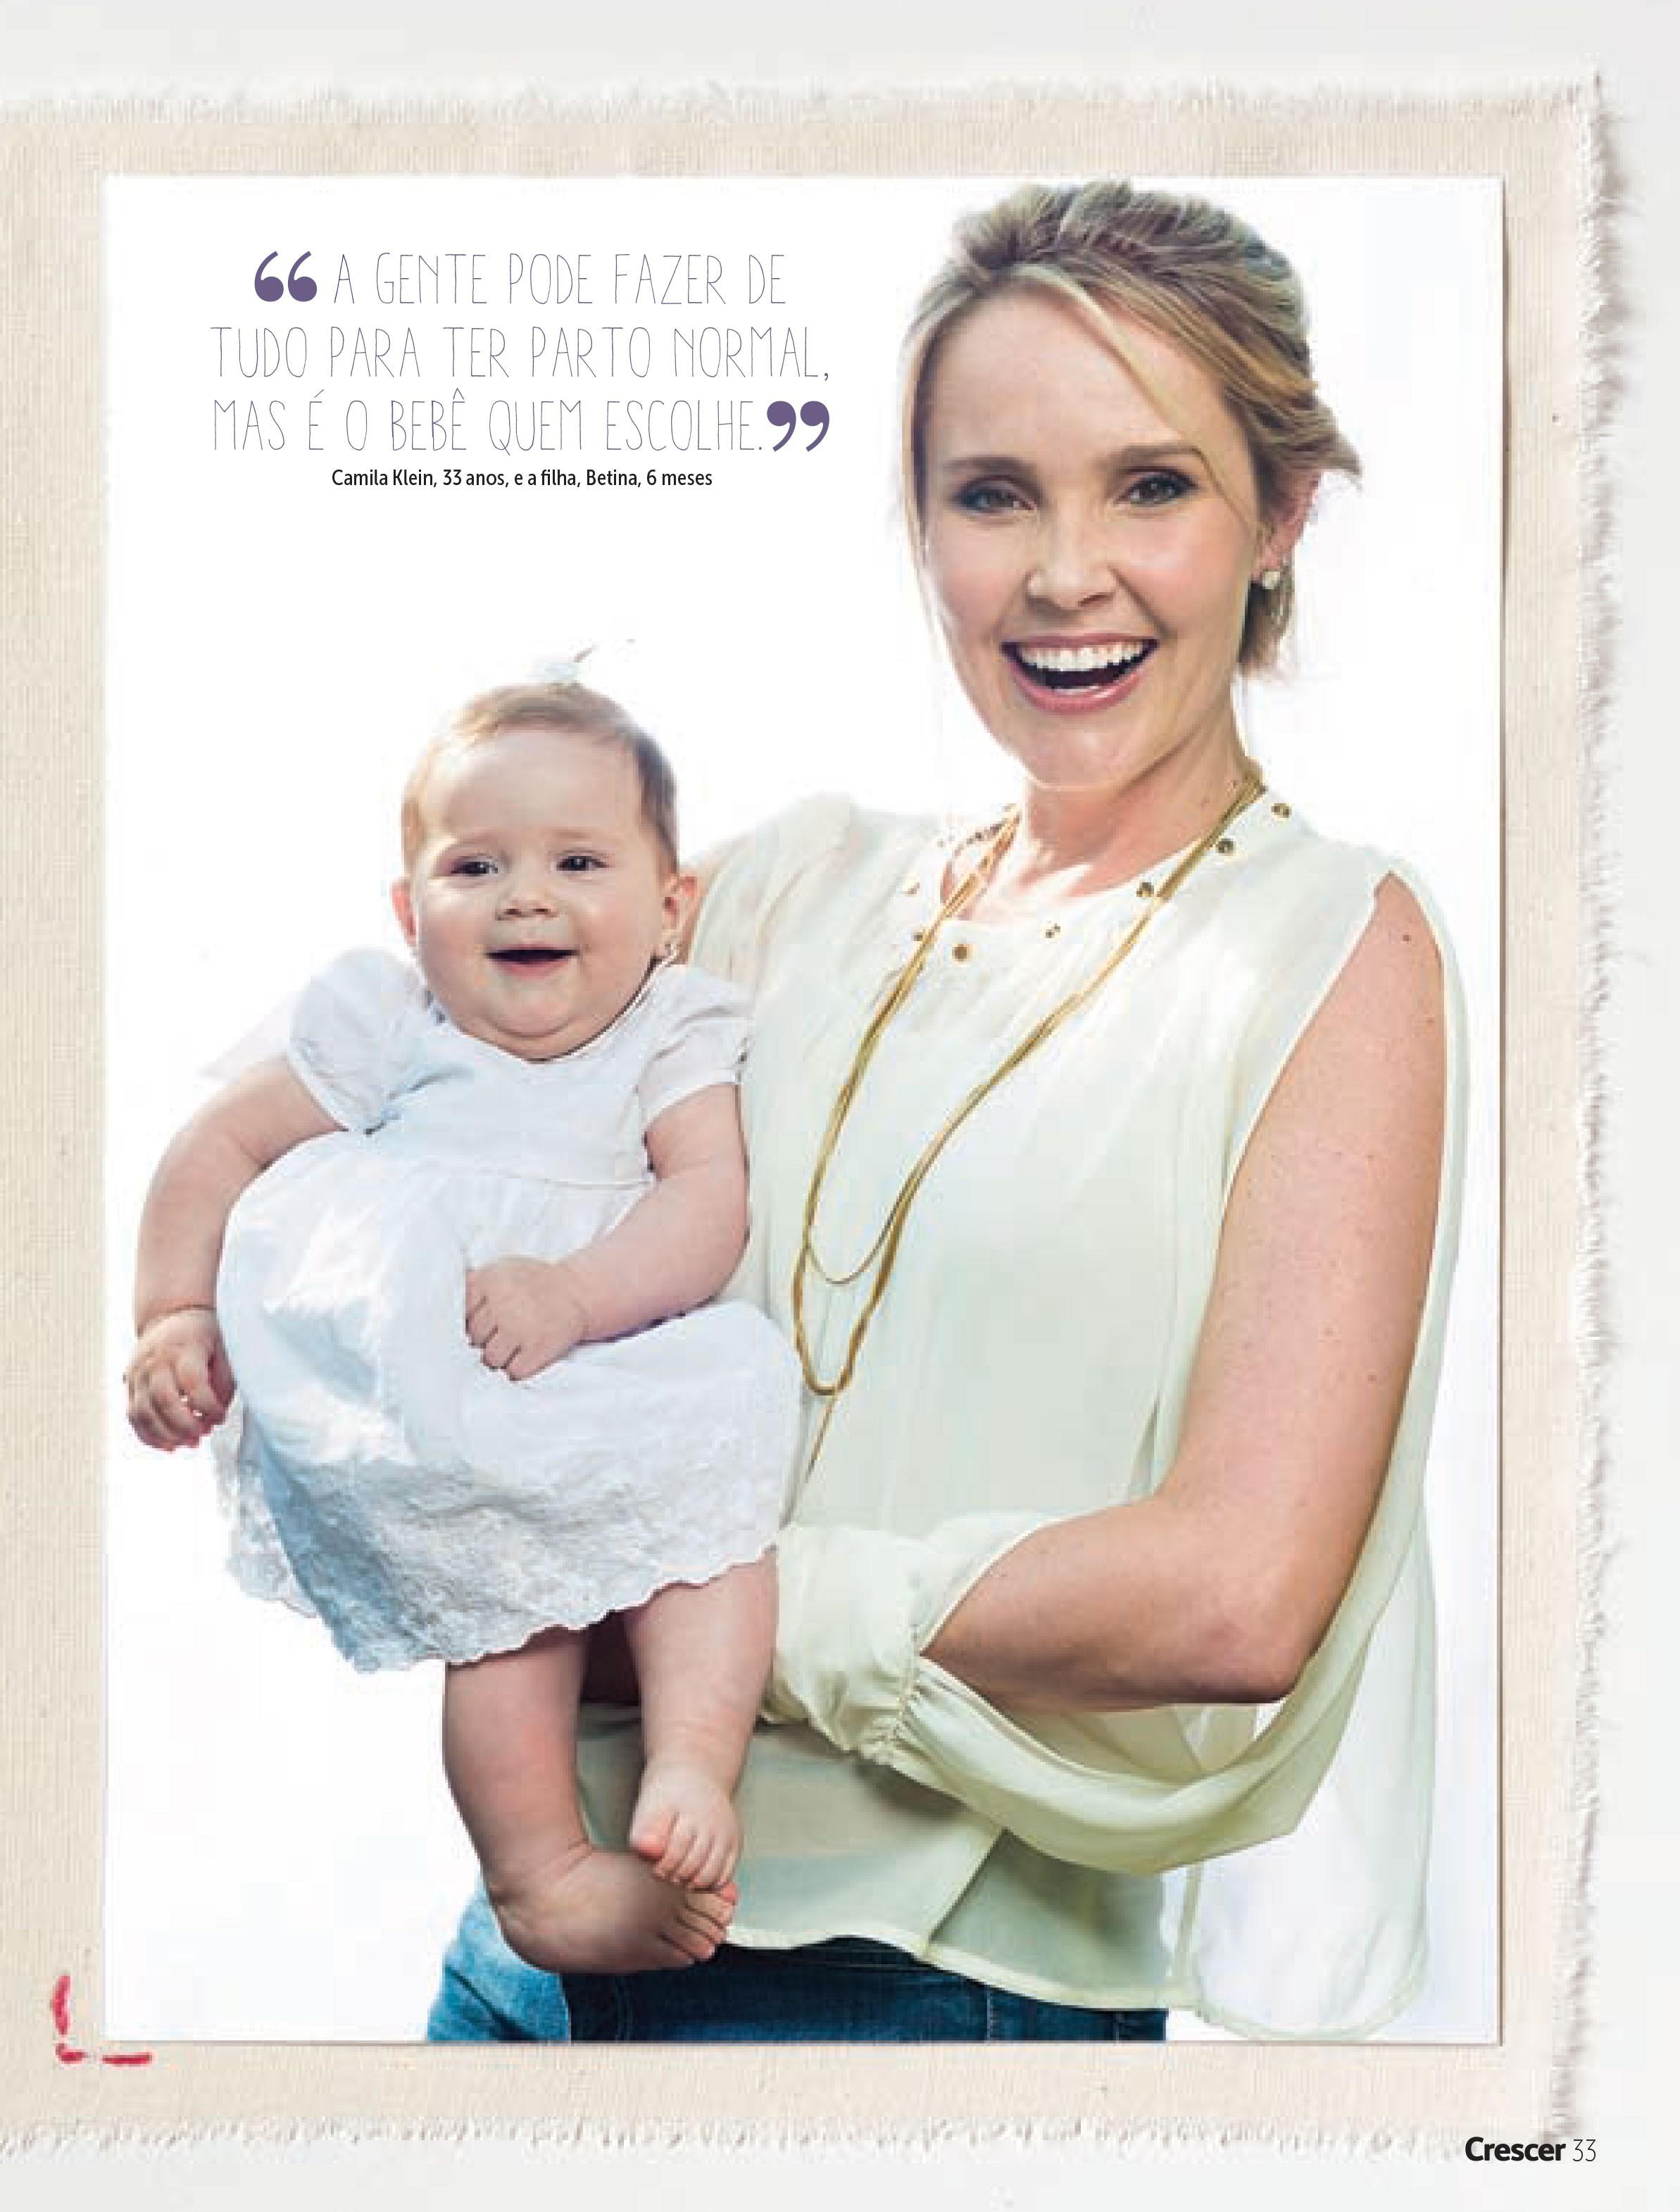 Como nascem os bebês? (Foto: Crescer)